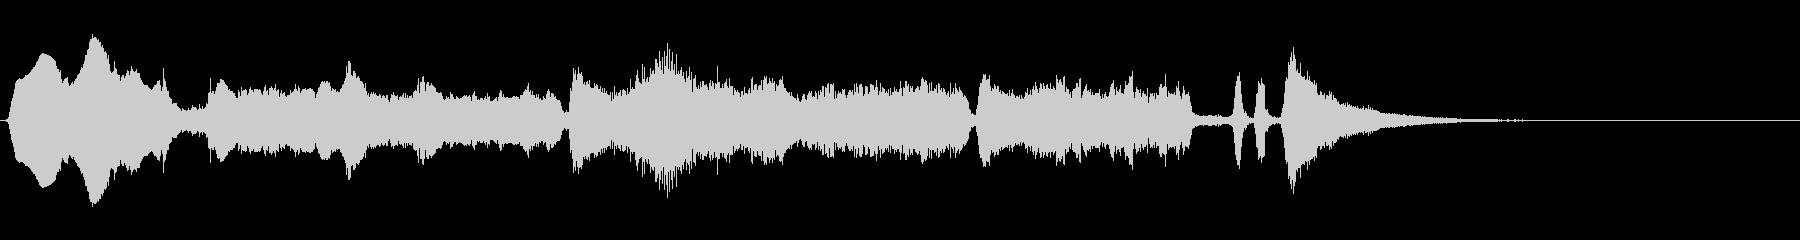 【生演奏】アコーディオンジングル01の未再生の波形